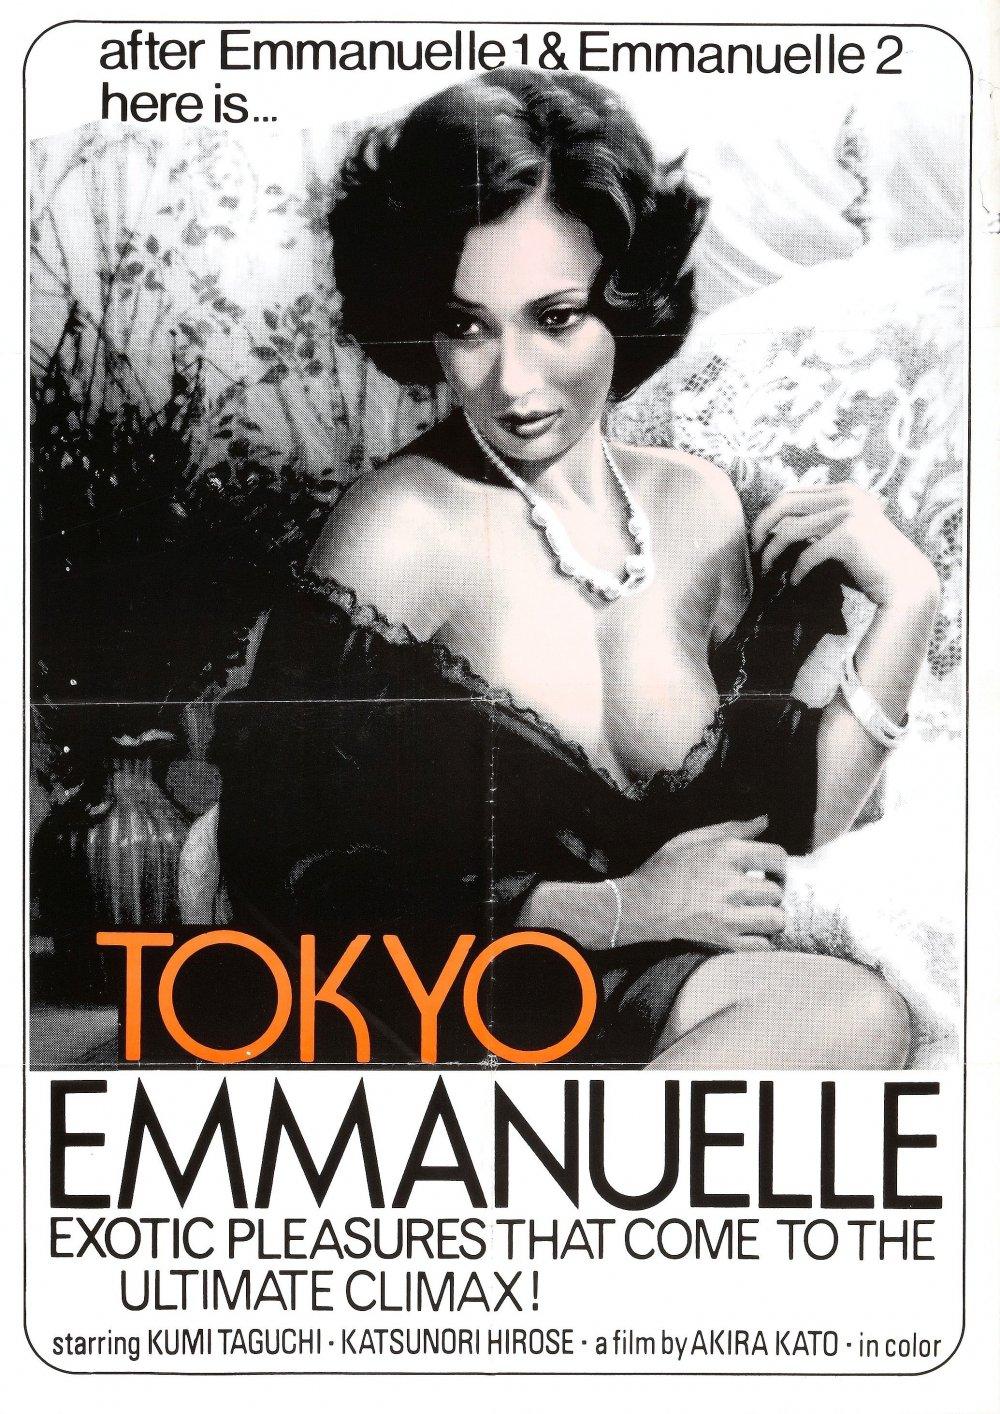 Tokyo Emmanuelle (1975)